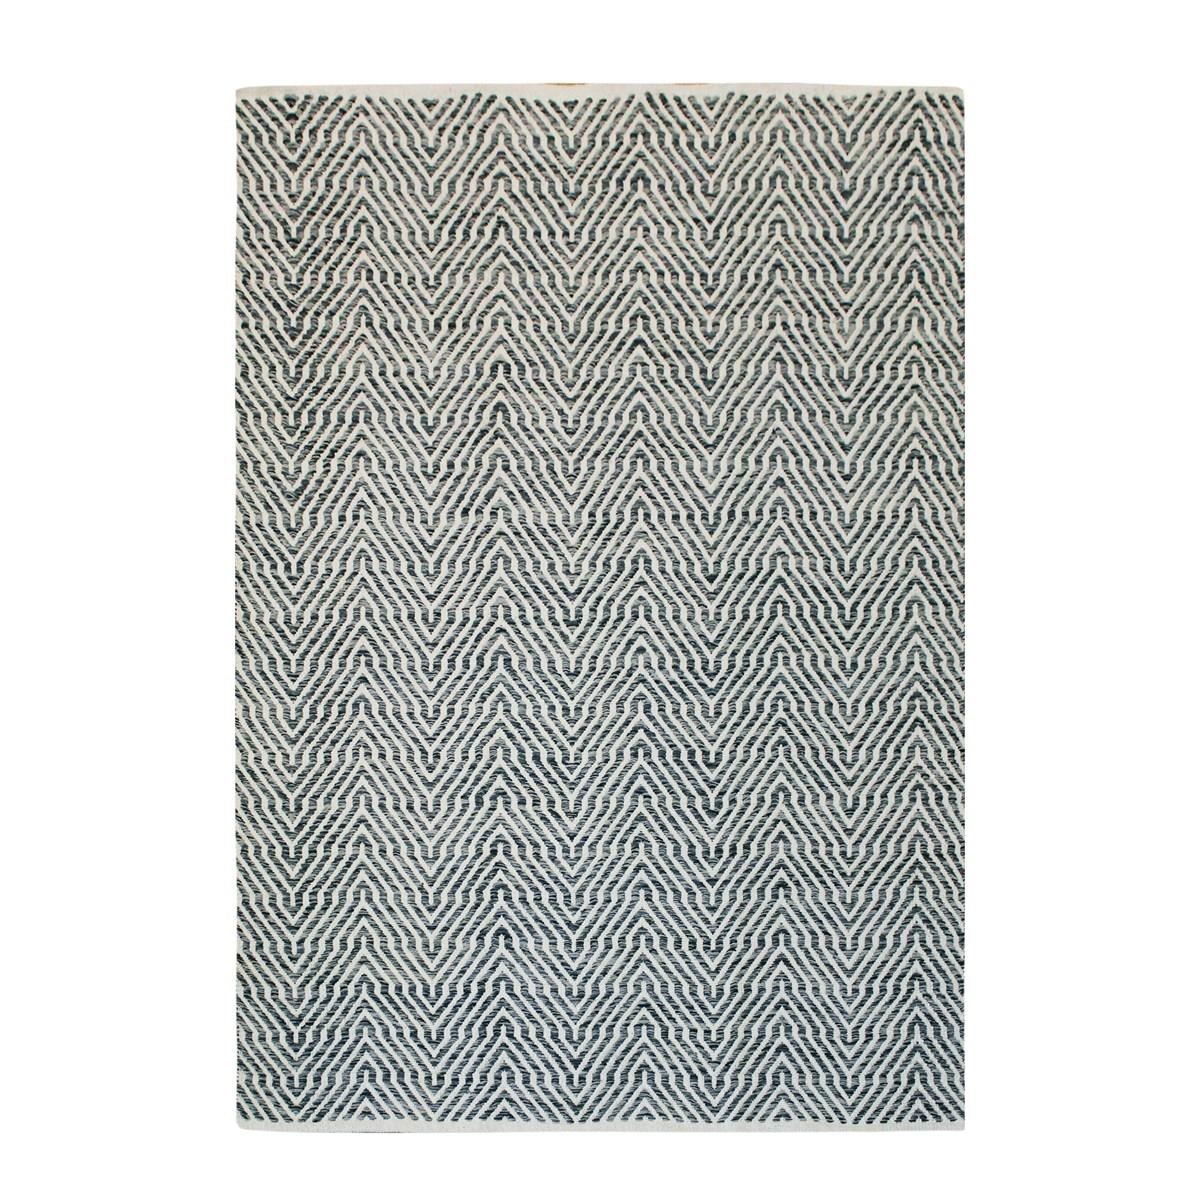 Tapis design en Coton Gris 120x170 cm